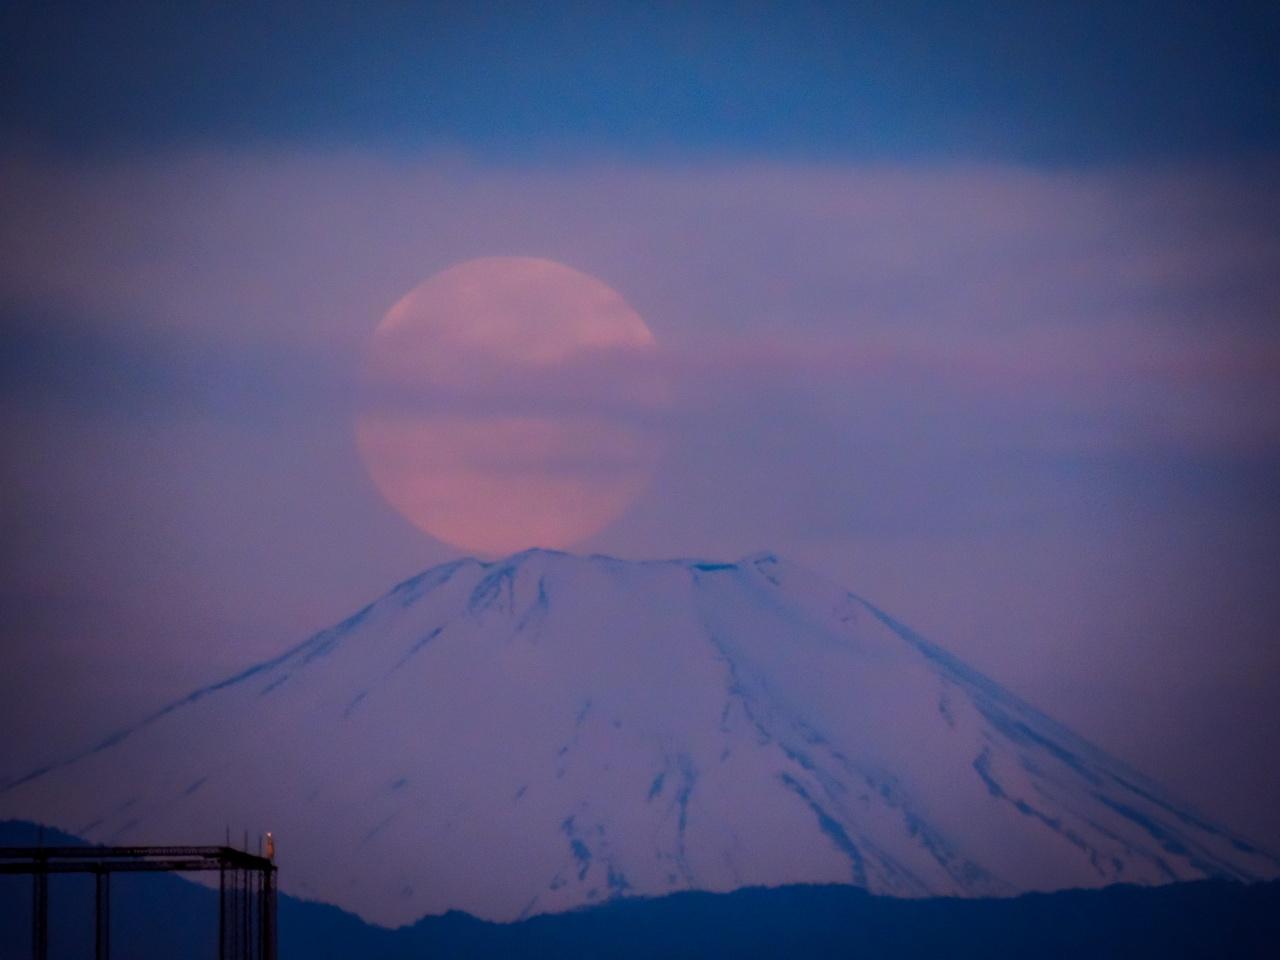 2020.5.8薄雲越しのパール富士(調布市五本松公園)_e0321032_10325995.jpg